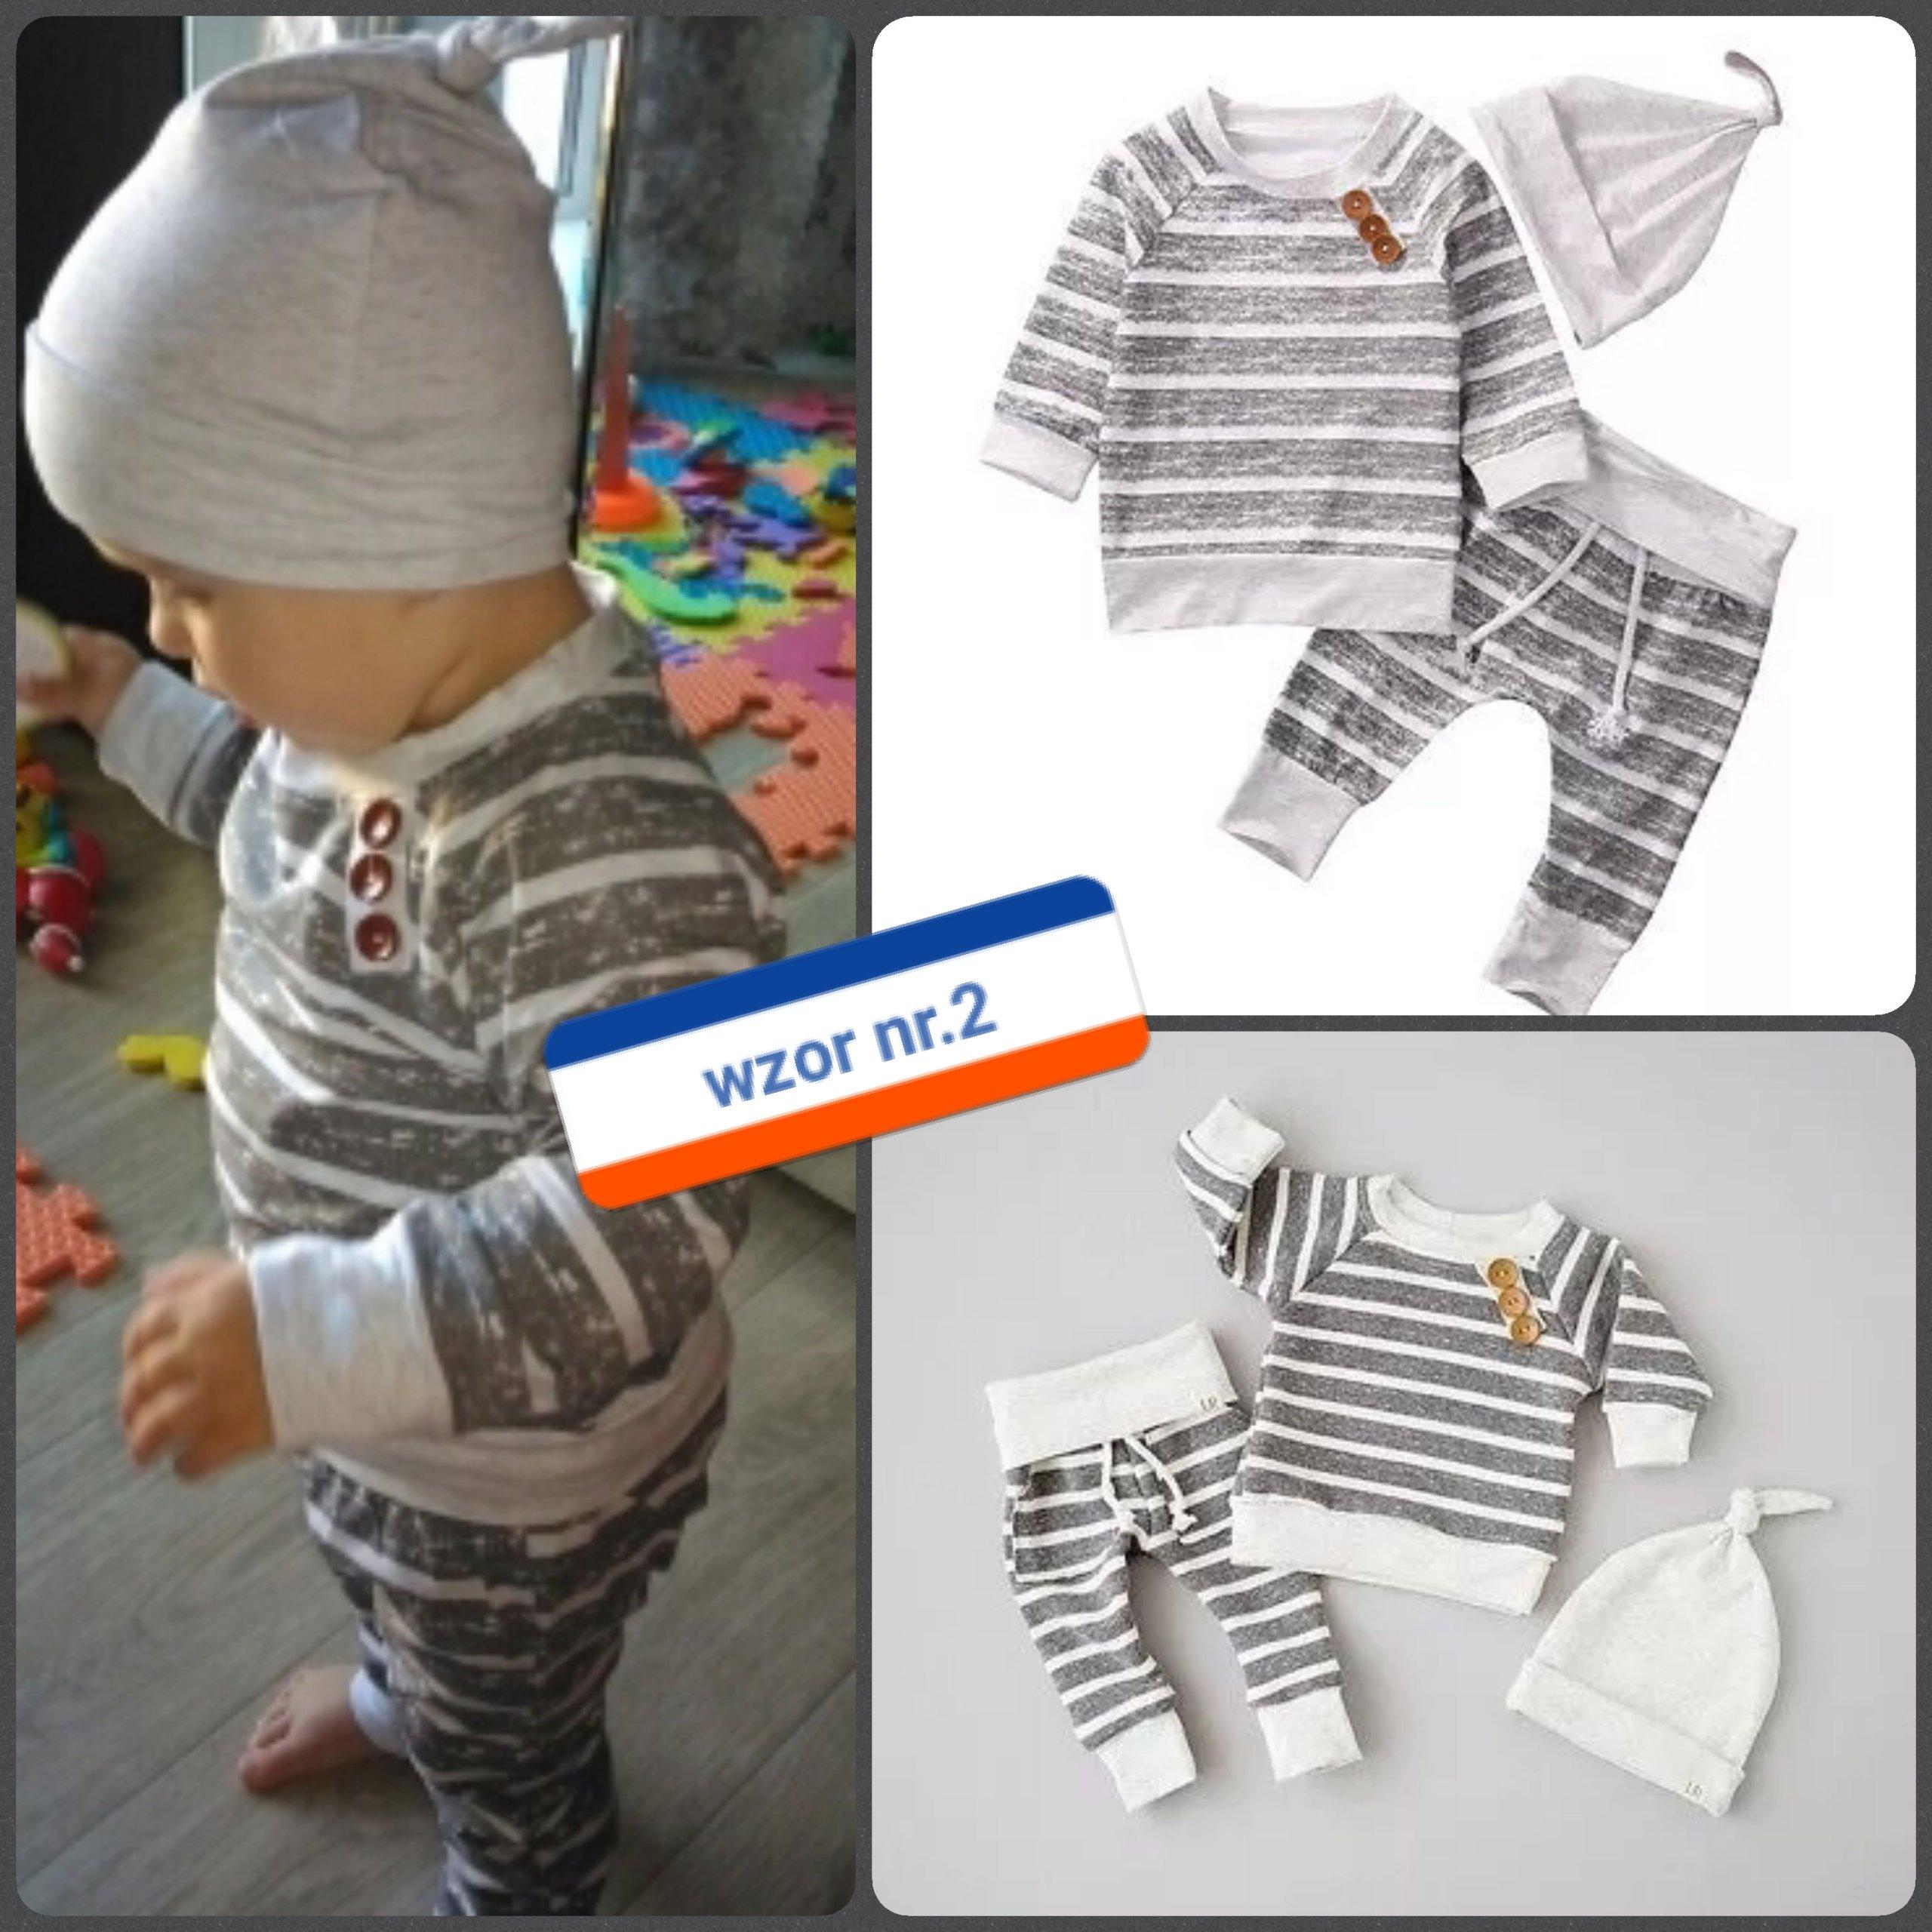 11c2cea83a Komplet dresik zestaw ubranko niemowlę 62 68 74 80 - 7021943284 ...